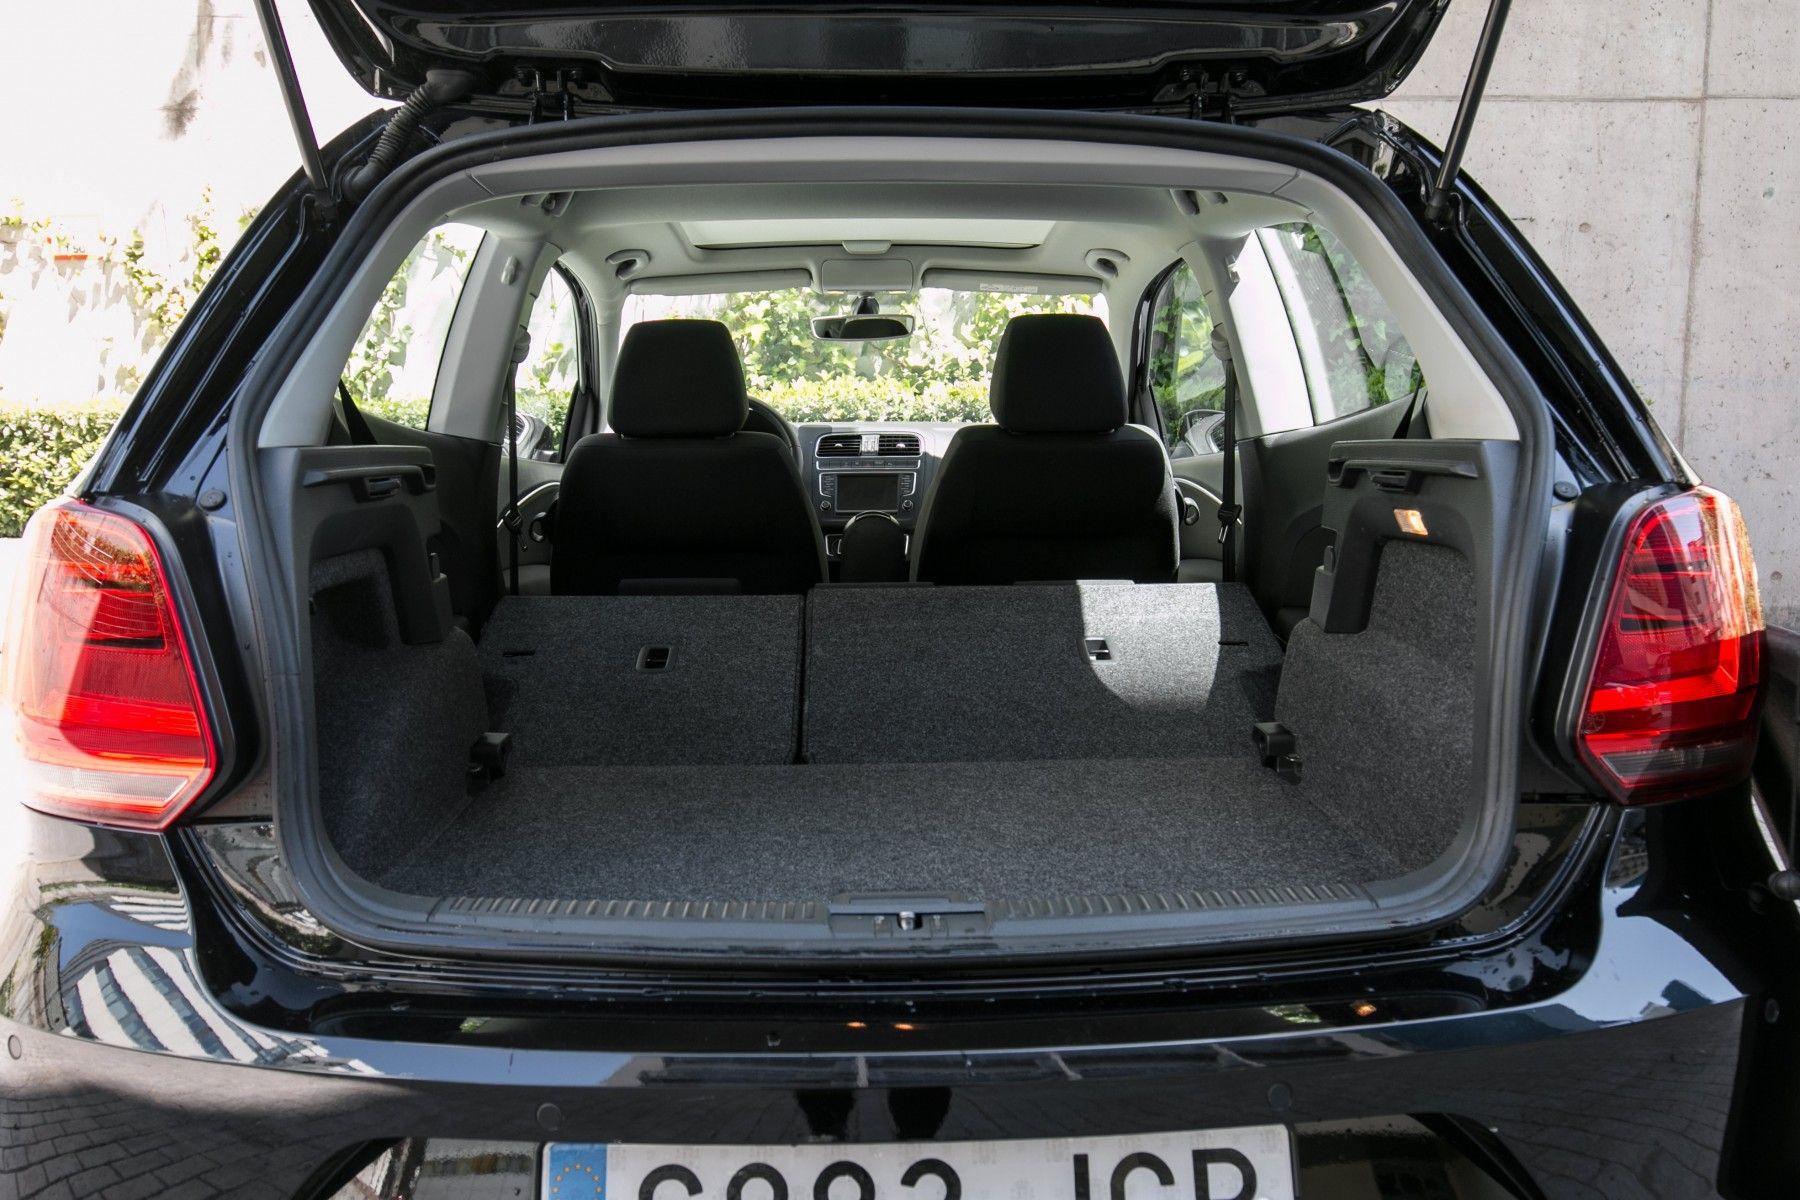 Volkswagen Polo 1.4 TDI BMT Sport 90 (3p) (90cv) 2015 Diésel 15488 km por 14.900 €. Calidad certificada con 245 comprobaciones por Clicars.